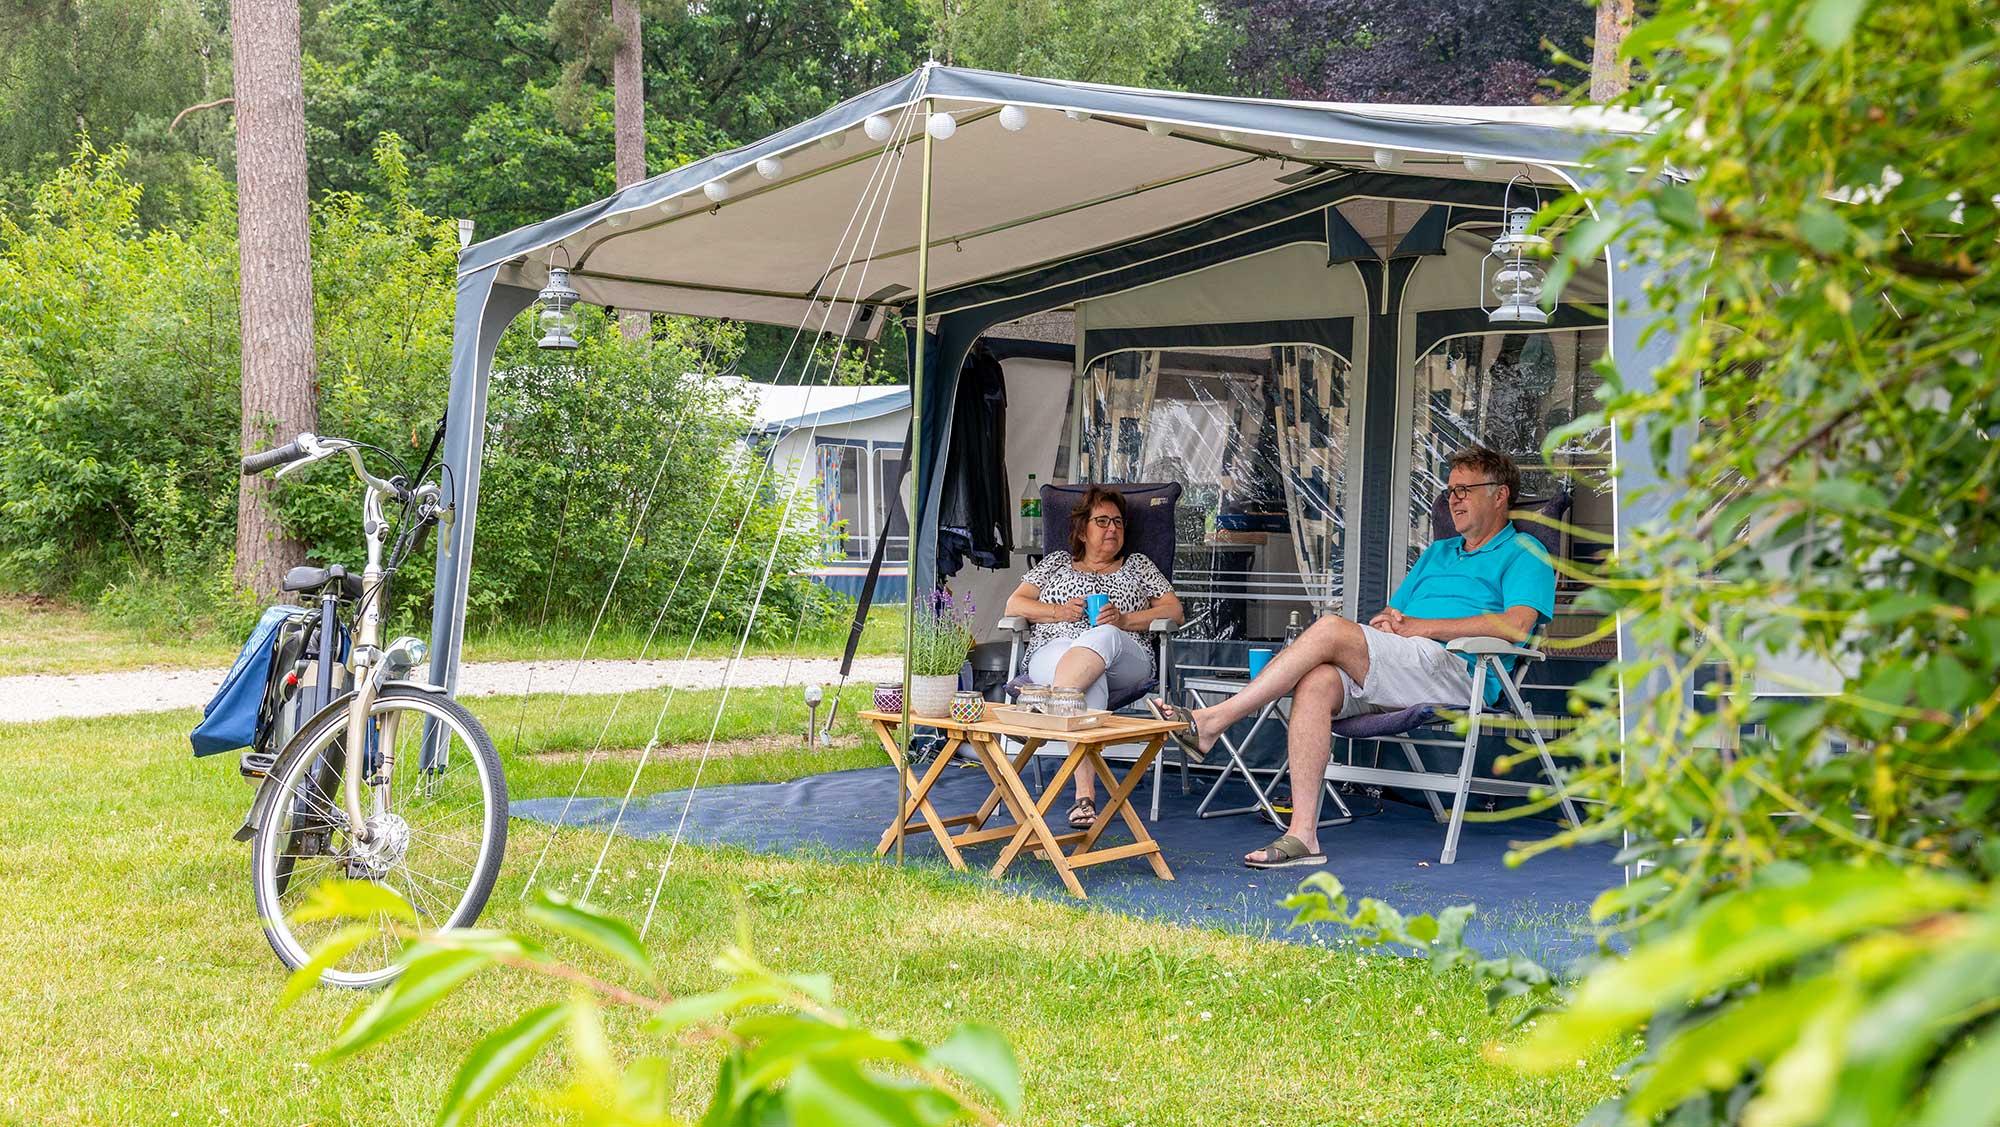 Seizoenplaats kamperen Molecaten Park Landgoed Ginkelduin 01